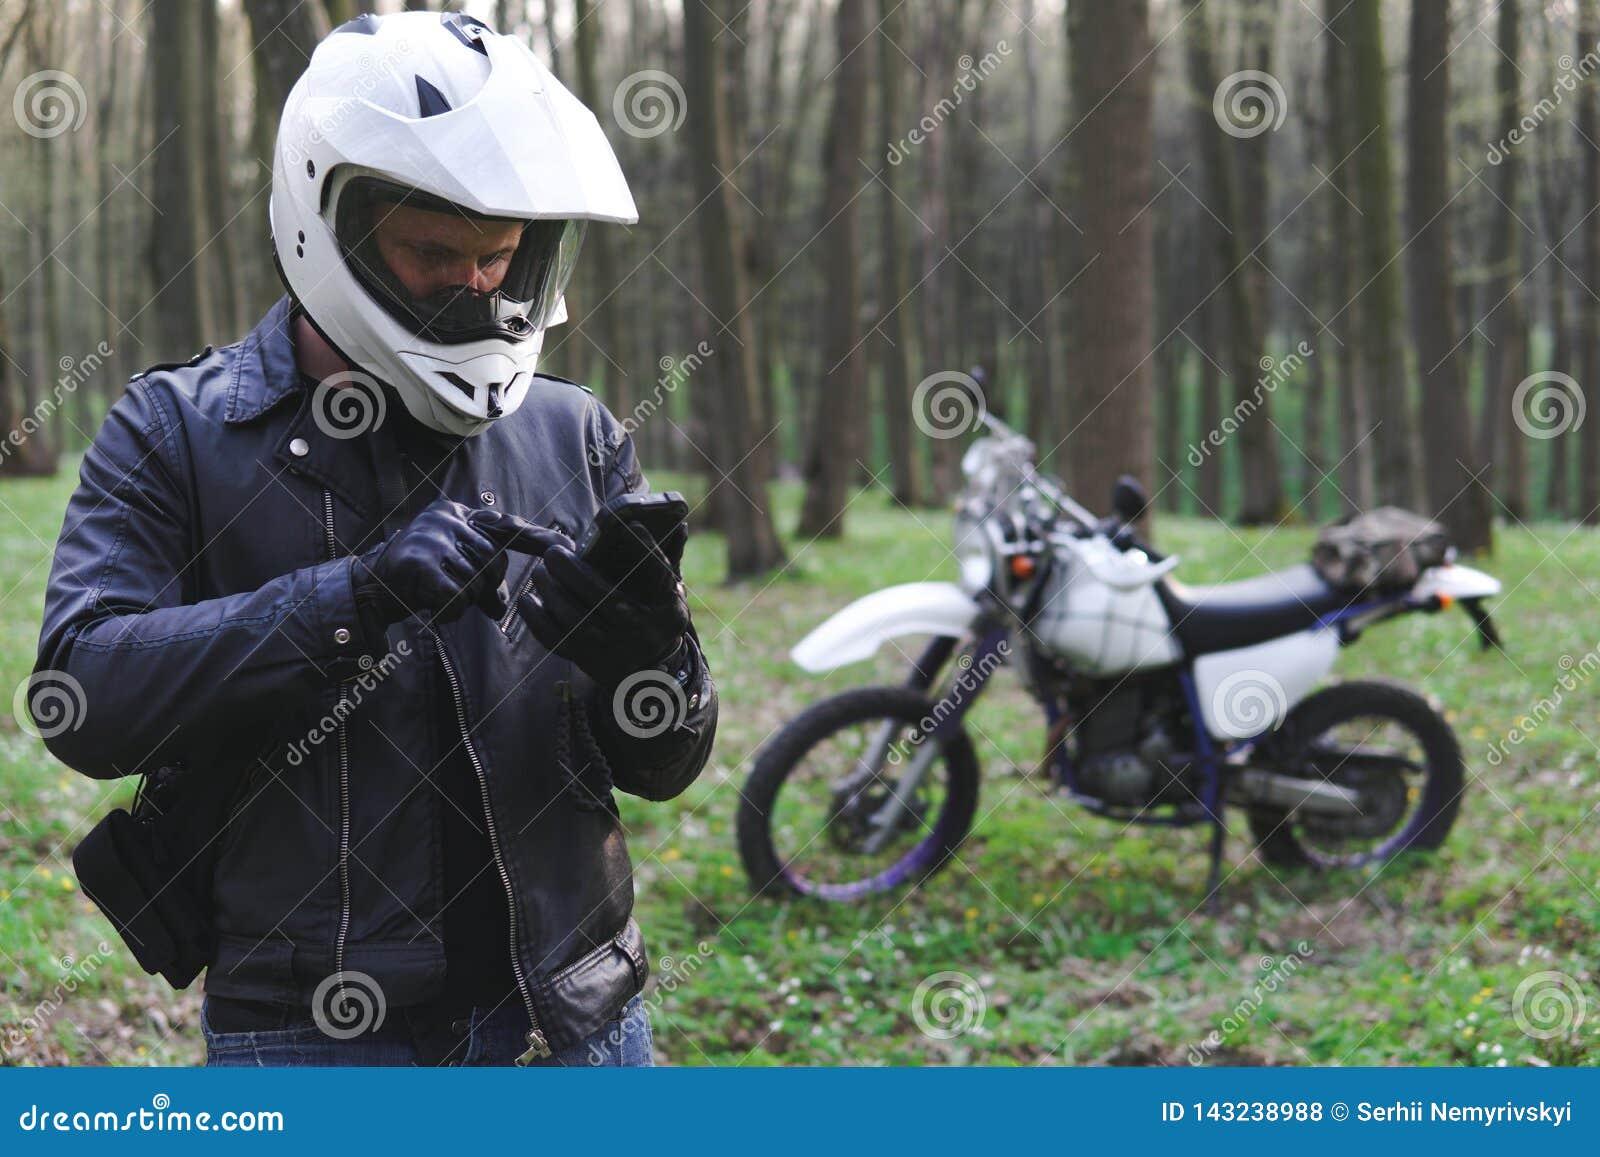 路的经典enduro摩托车在春天森林,一时髦的皮夹克的人使用一个智能手机,摩托车骑士齿轮,A